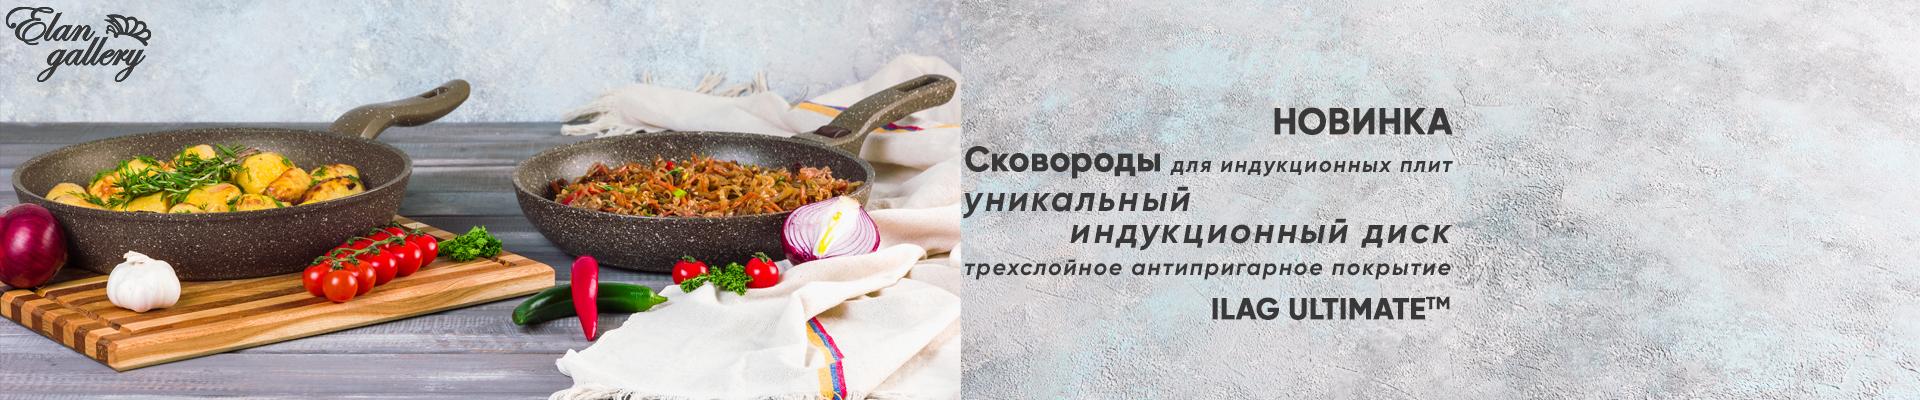 Новинка. Сковороды для индукционных плит